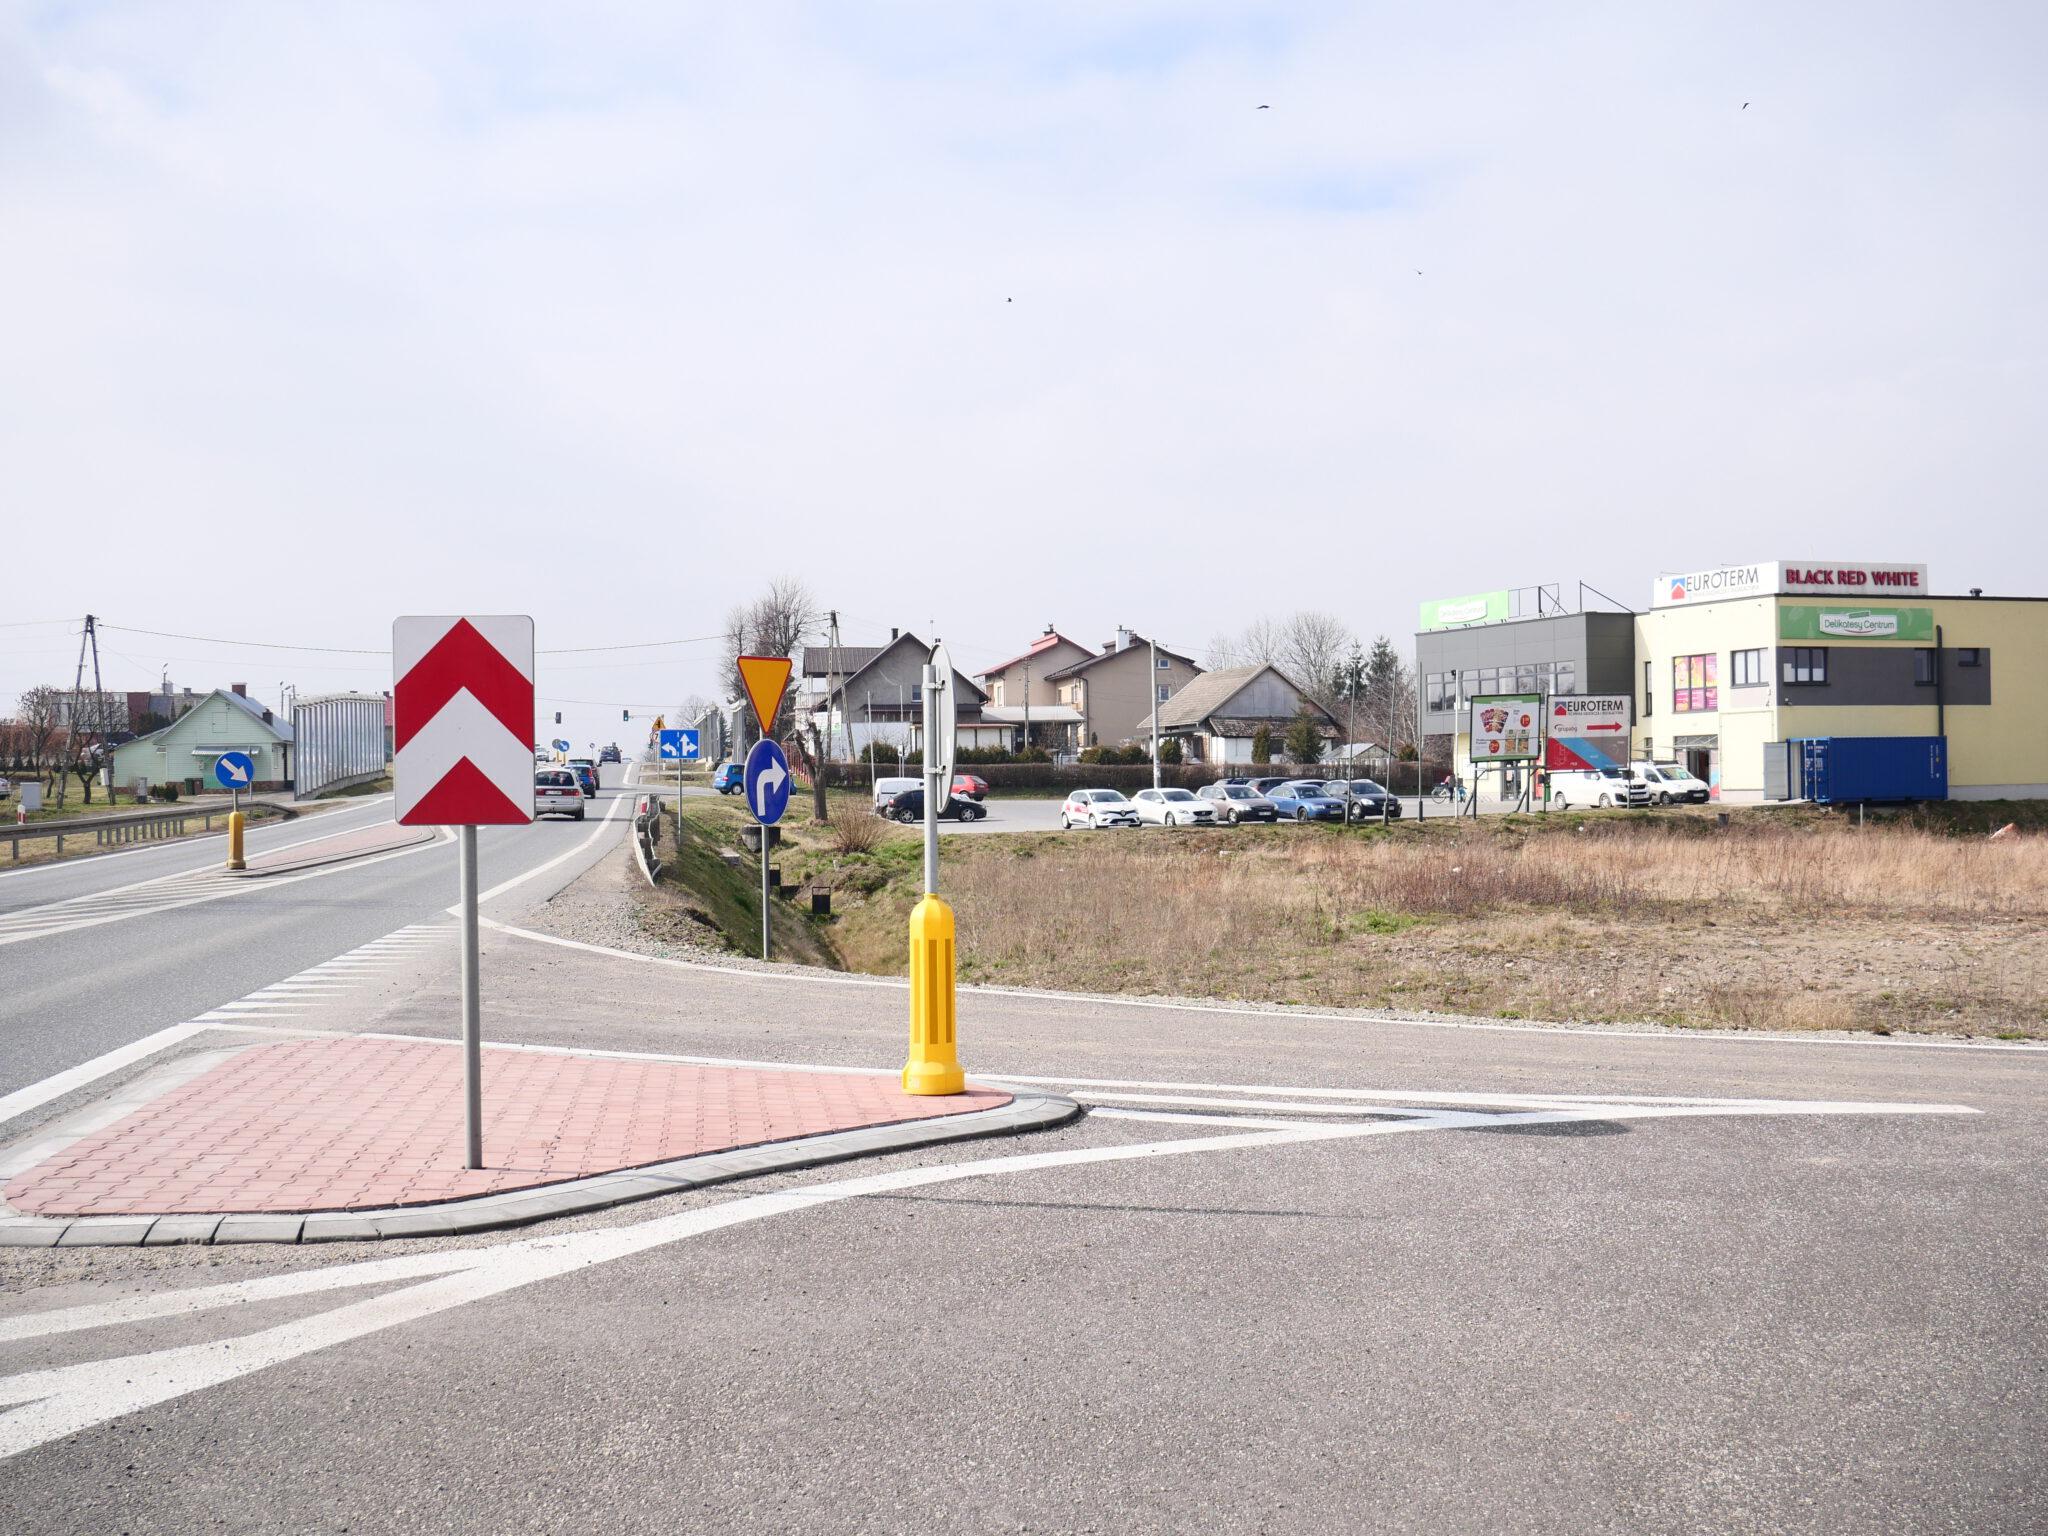 DZIAŁKA INWESTYCYJNA, Nagawczyna, atrakcyjna lokalizacja, zjazd z A4,       1,47 ha